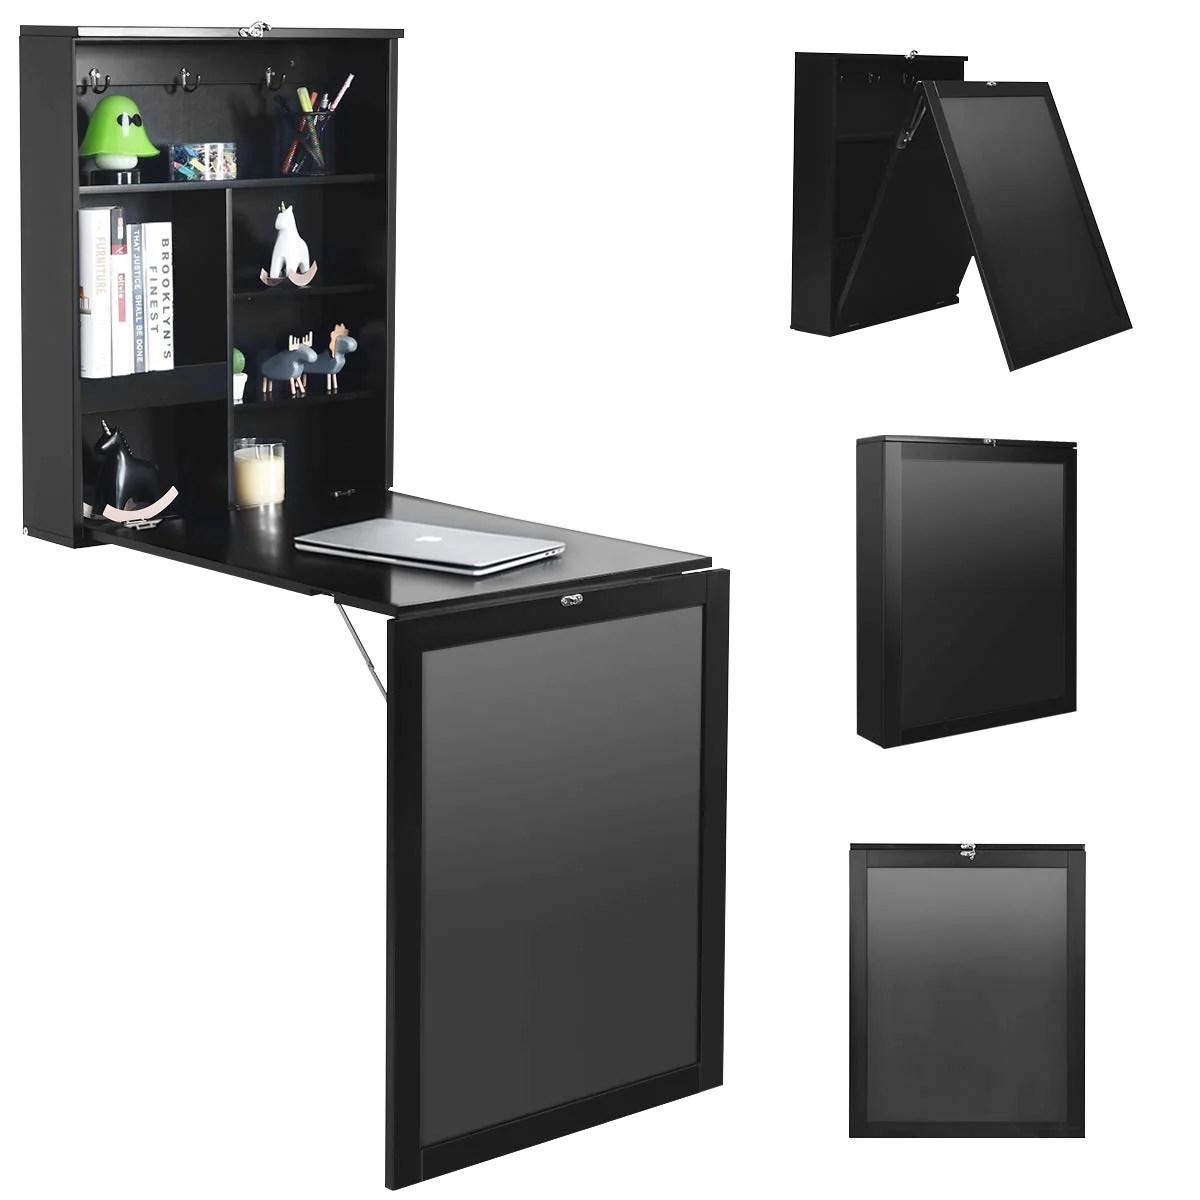 costway table murale rabattable pliable avec etagere integree et tableau noir en mdf 75 x 15 8 x 60 1cm gain de place ideal pour salon salle a